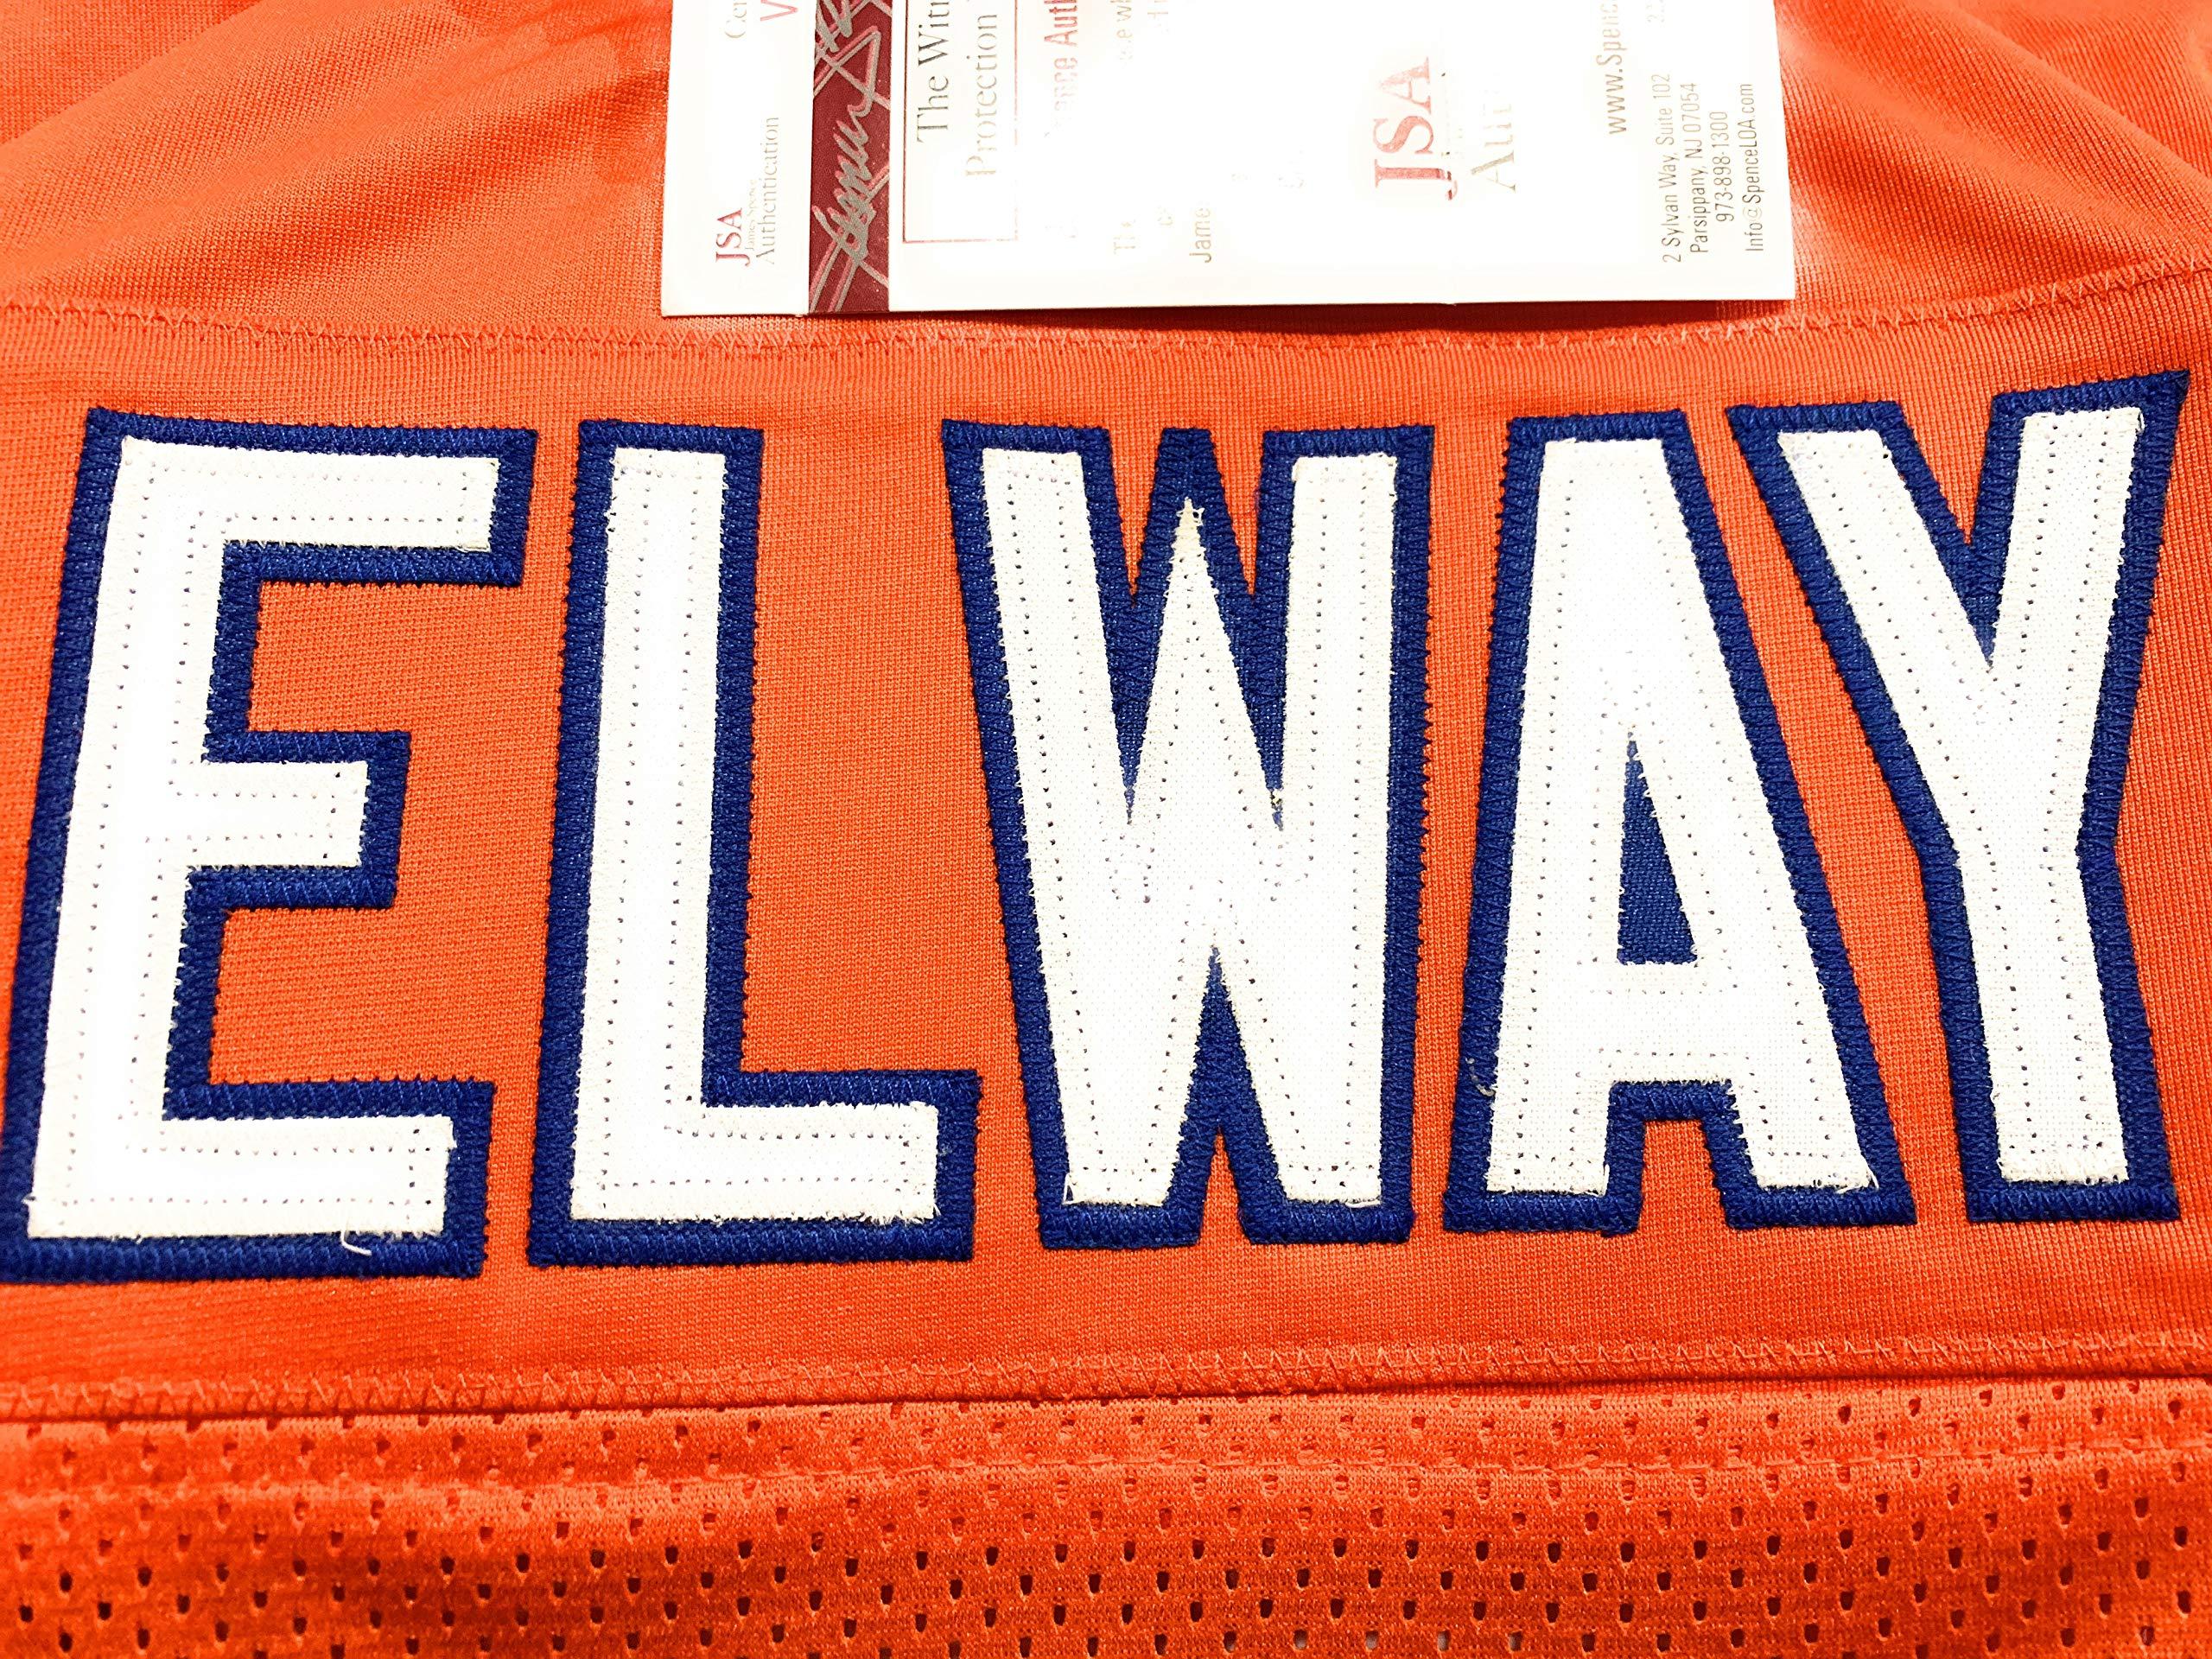 John Elway Denver Broncos Signed Autograph Custom Jersey Elway Hologram JSA Witnessed Certified